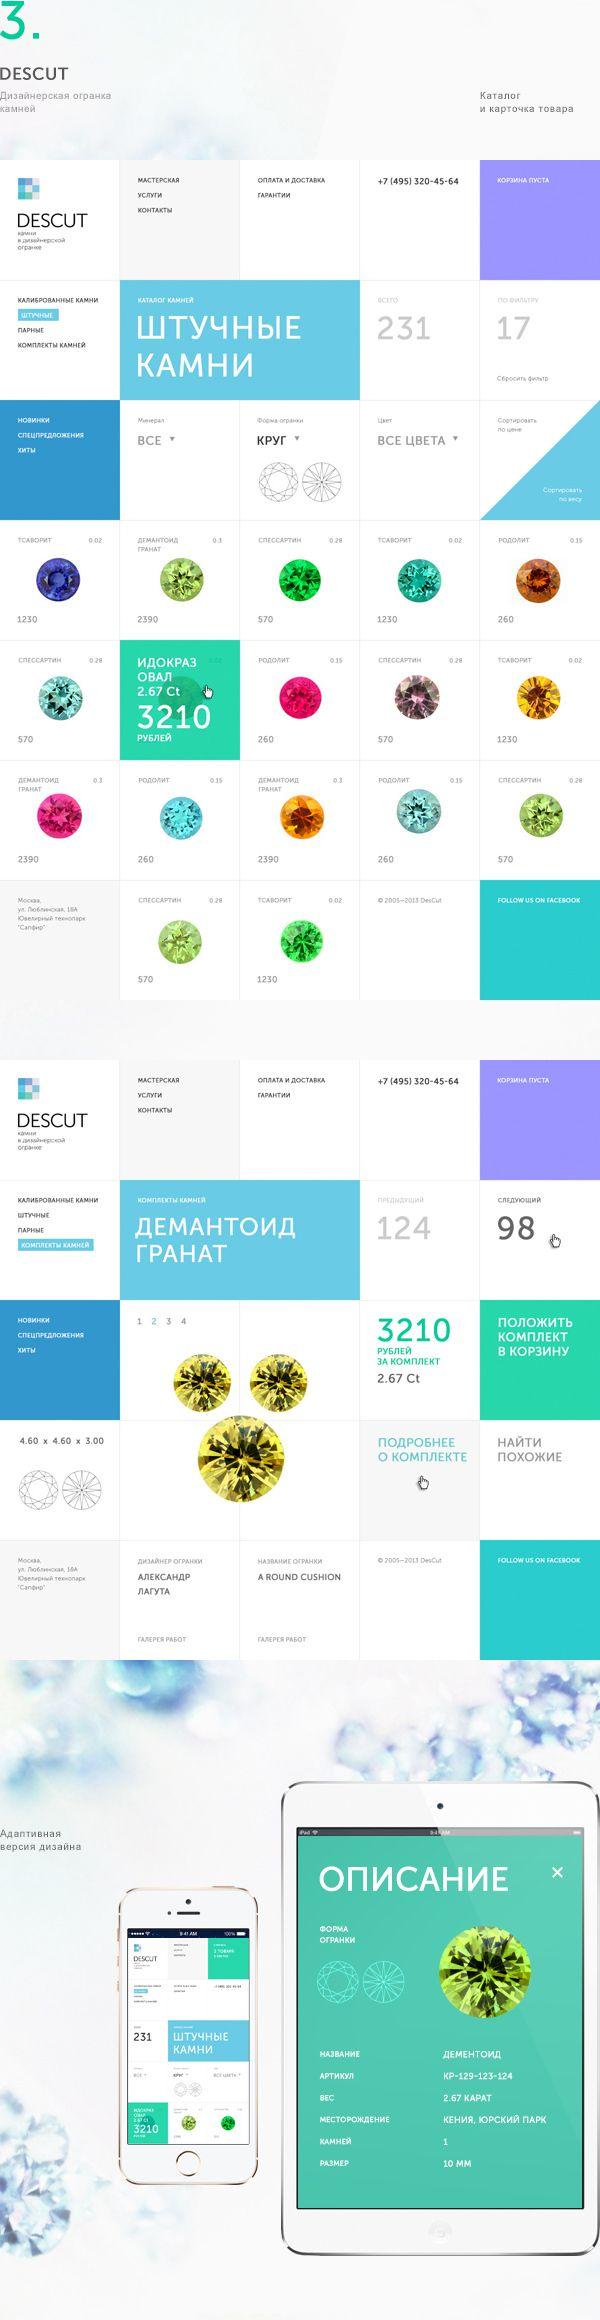 DesCut by Alexander Laguta, via Behance